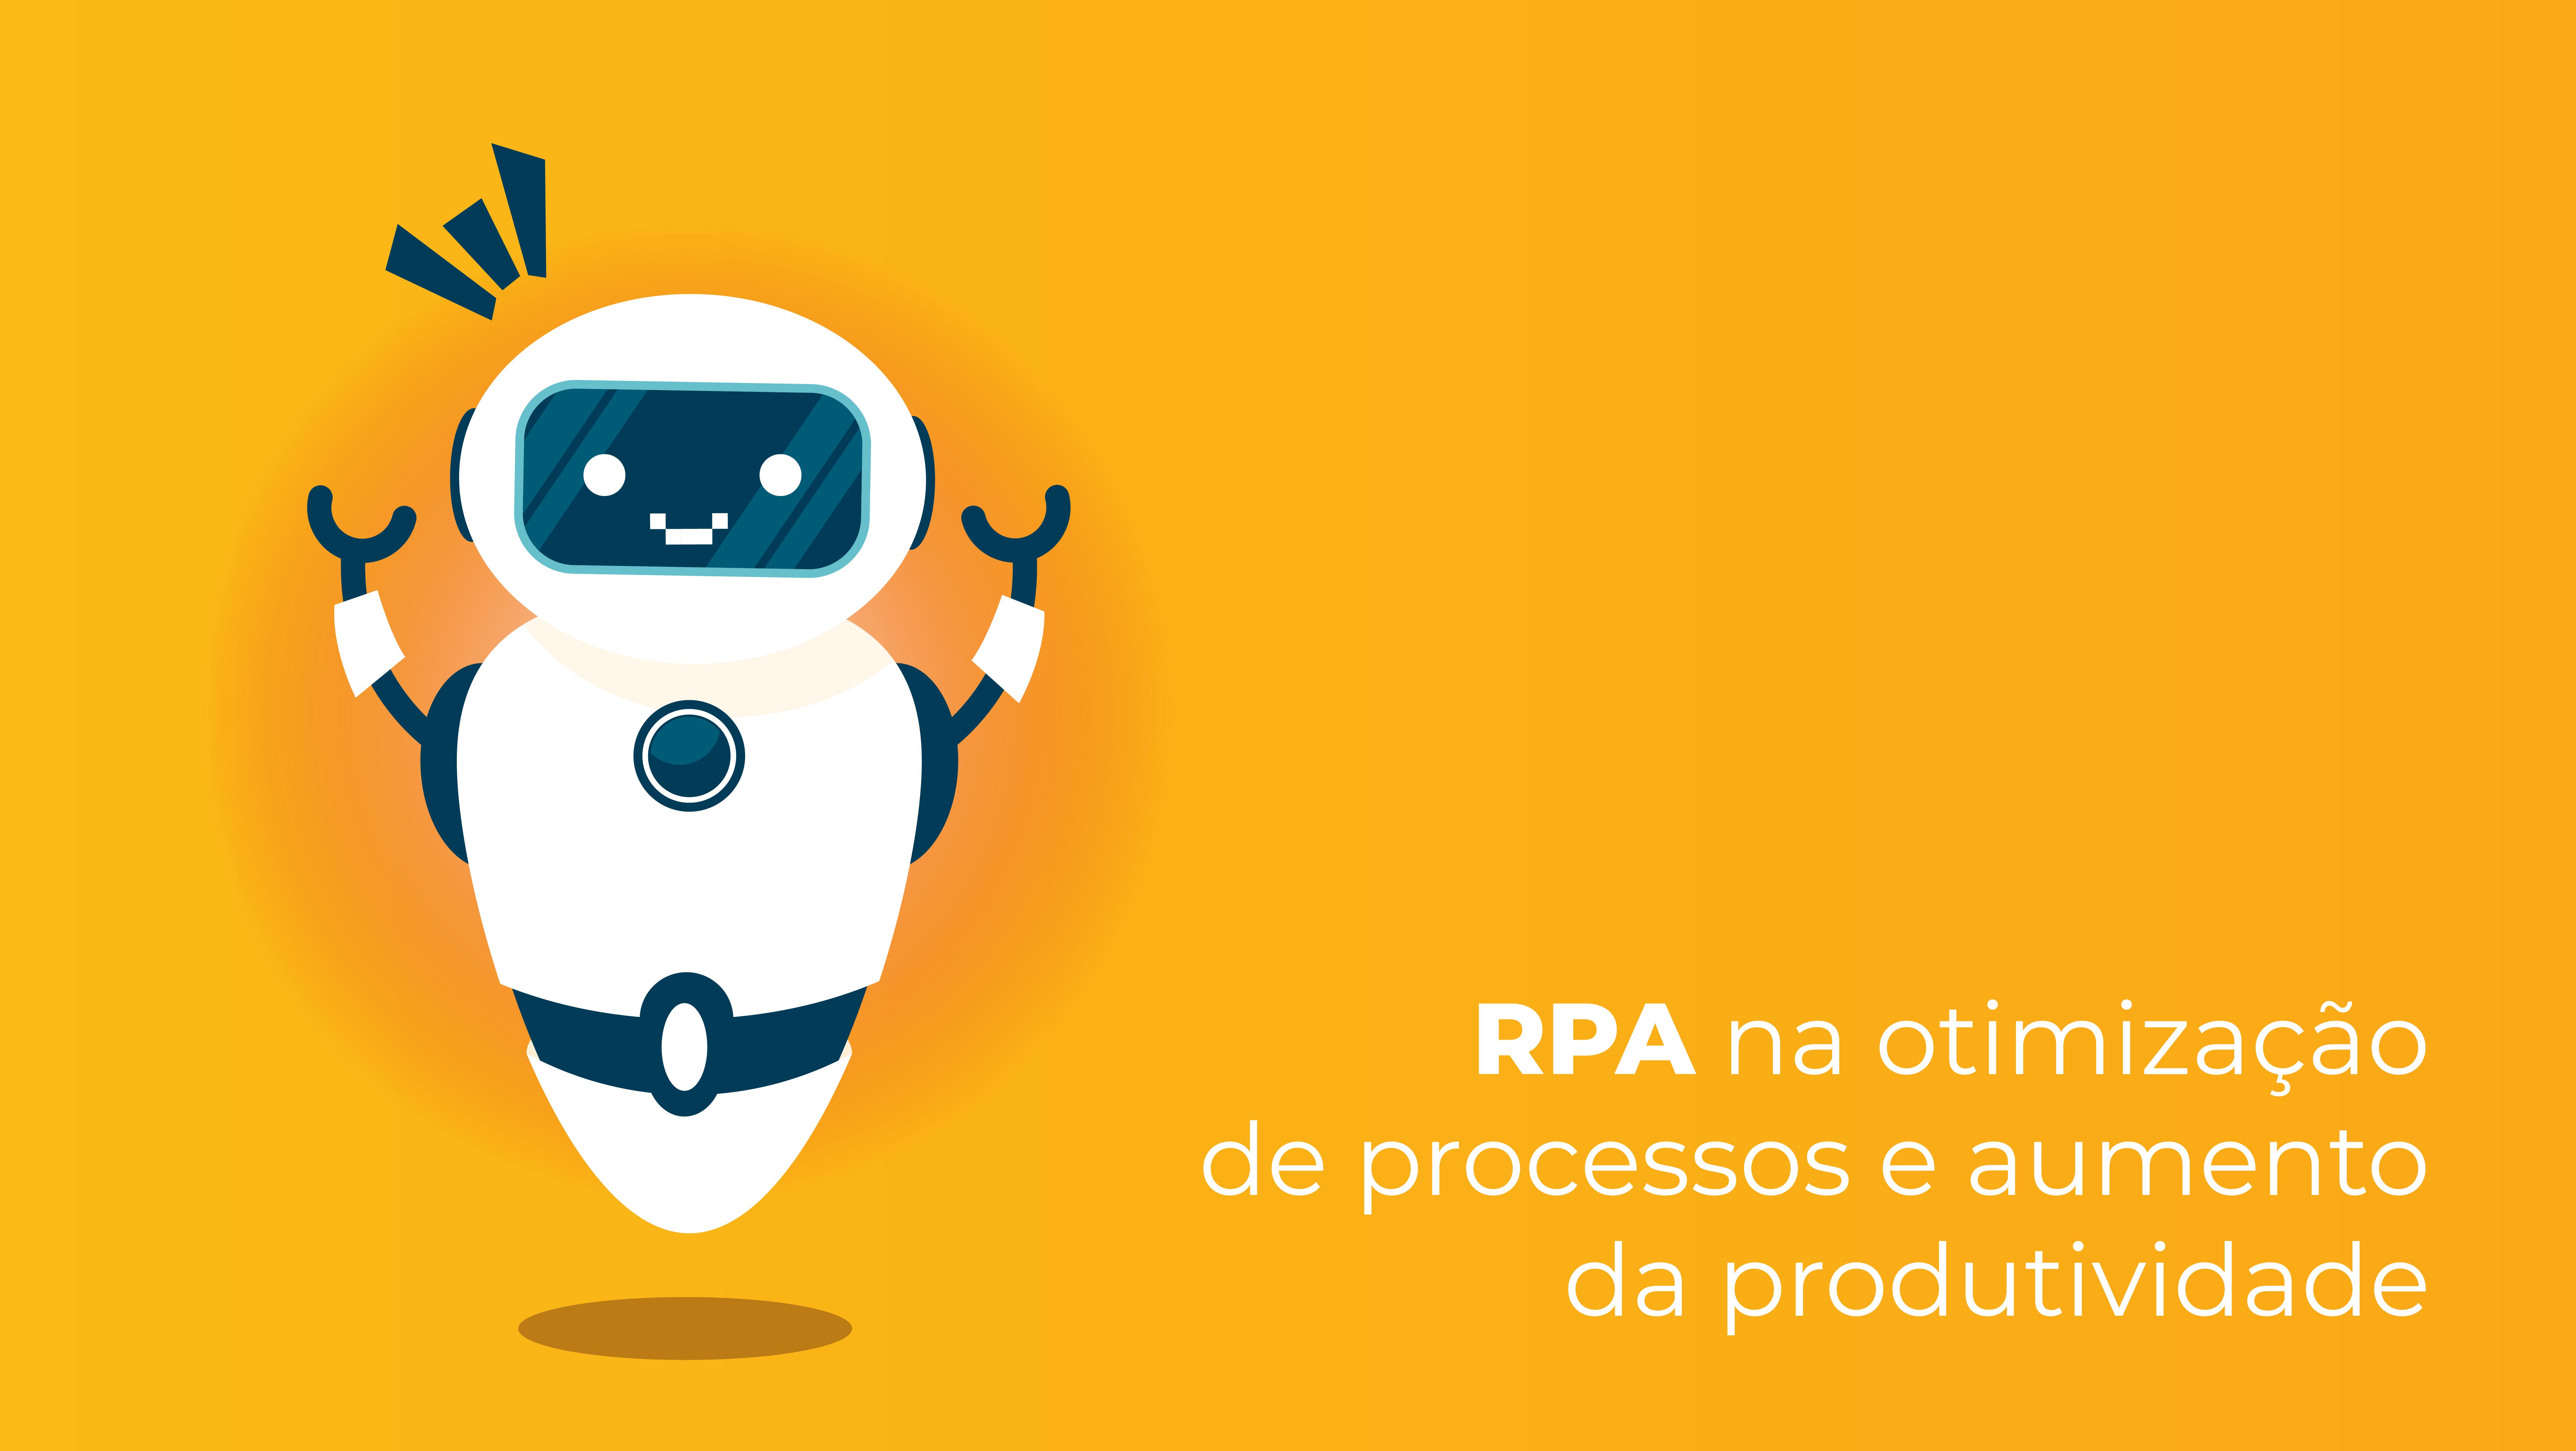 RPA: redução de custos e aumento de produtividade